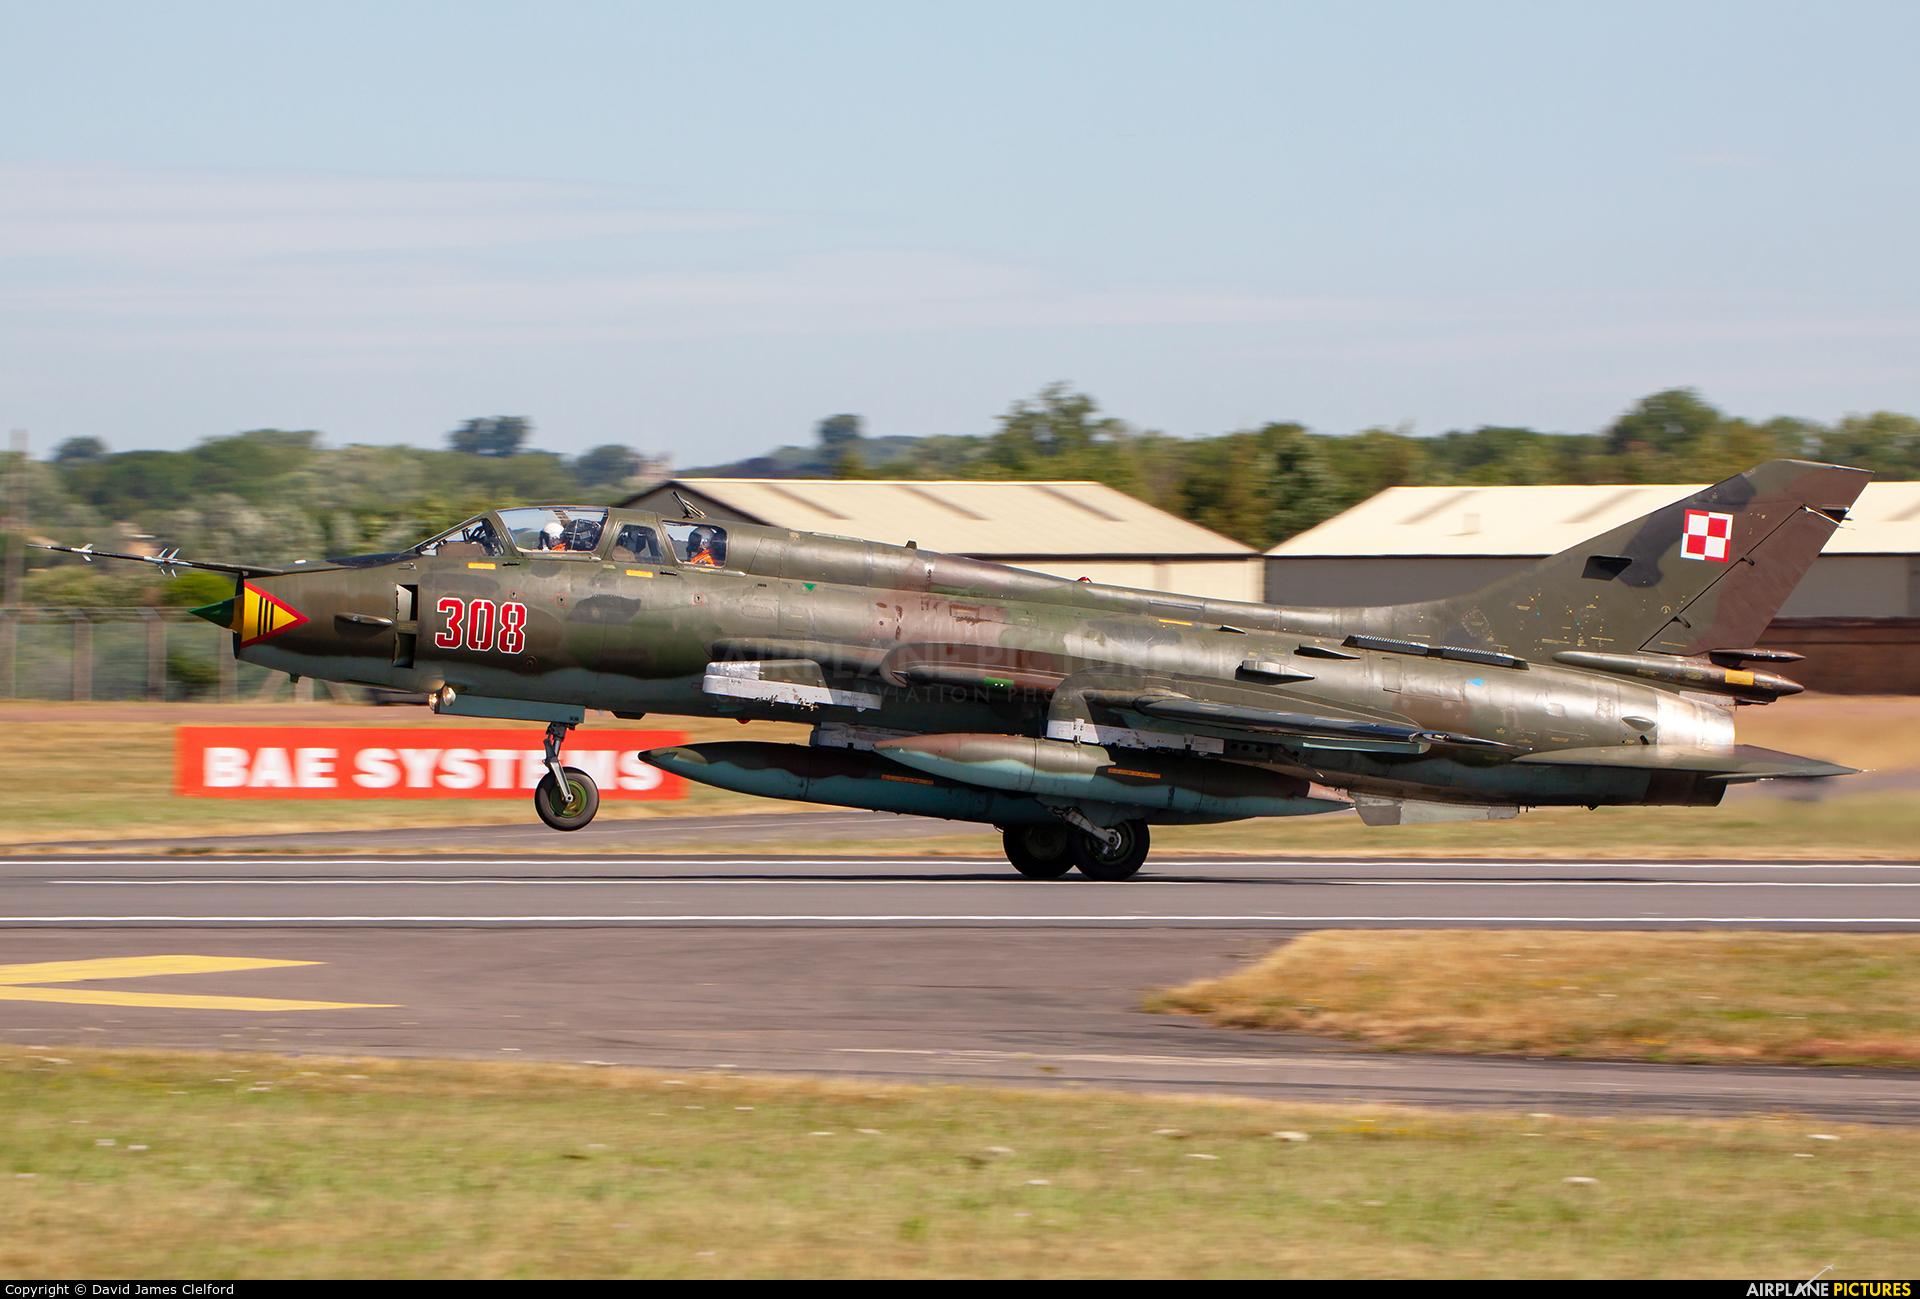 Poland - Air Force 308 aircraft at Fairford